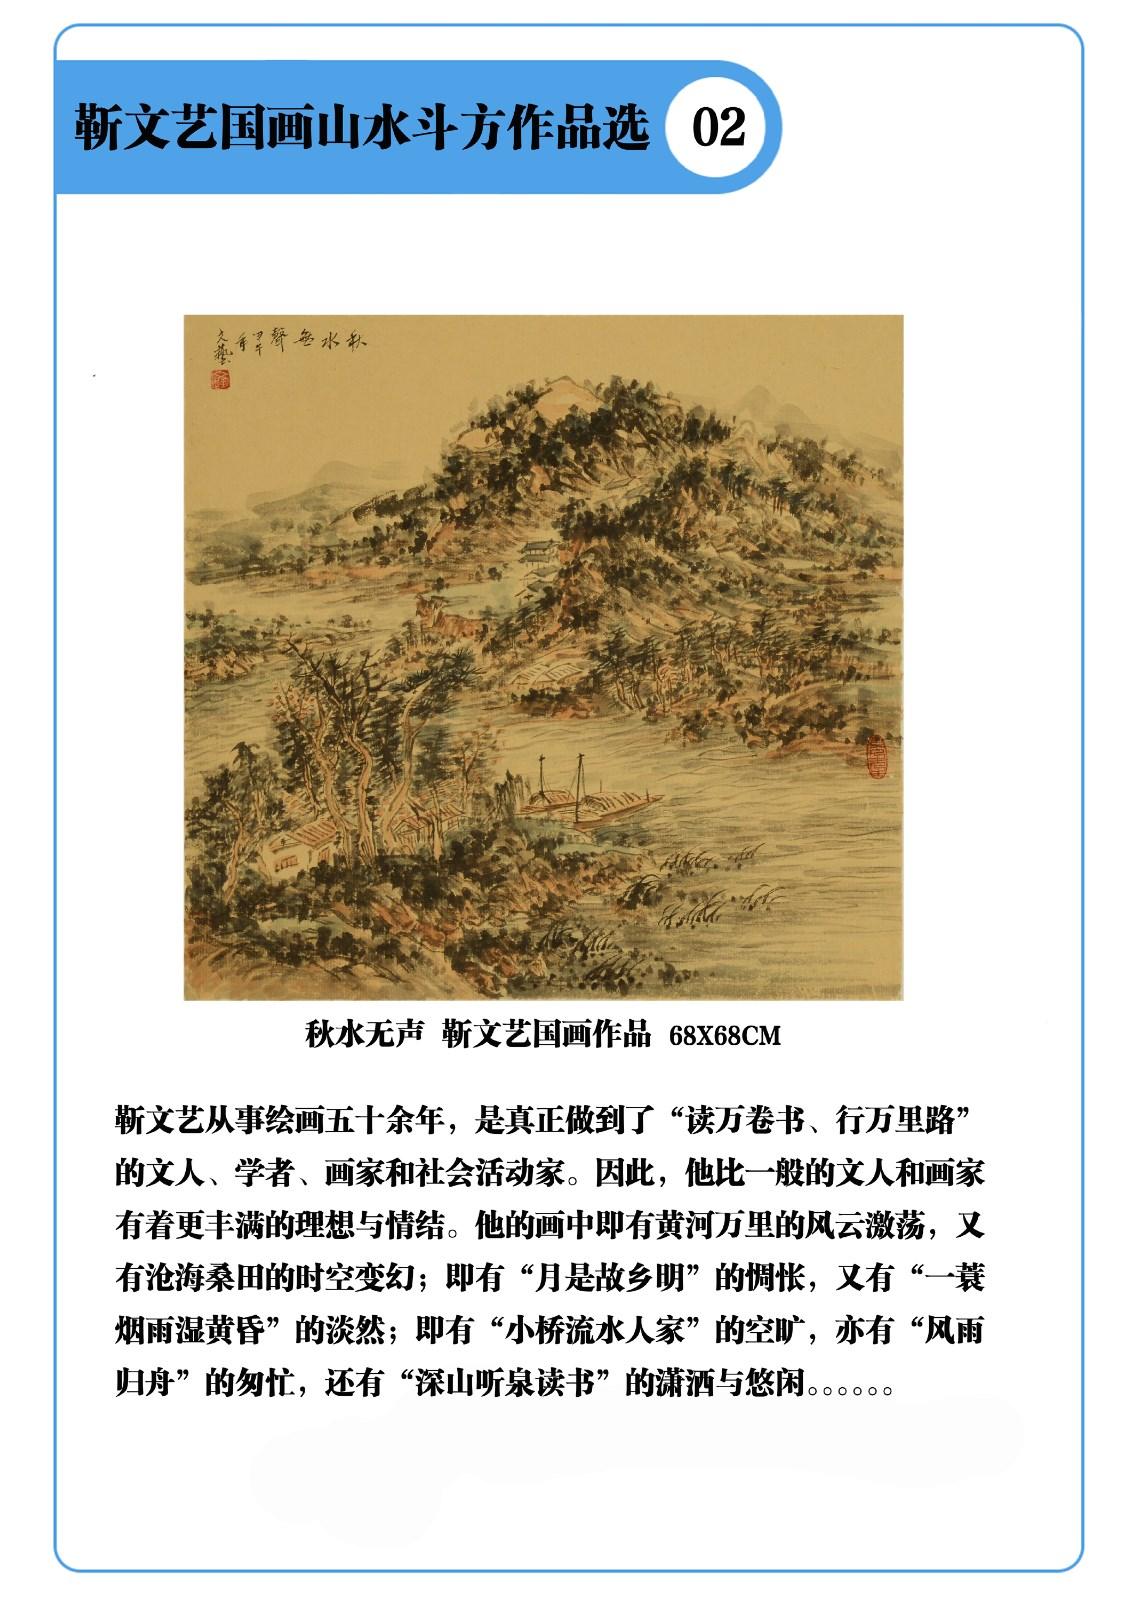 国画导师靳文艺先生作品   欢迎关注分享收藏_图1-6